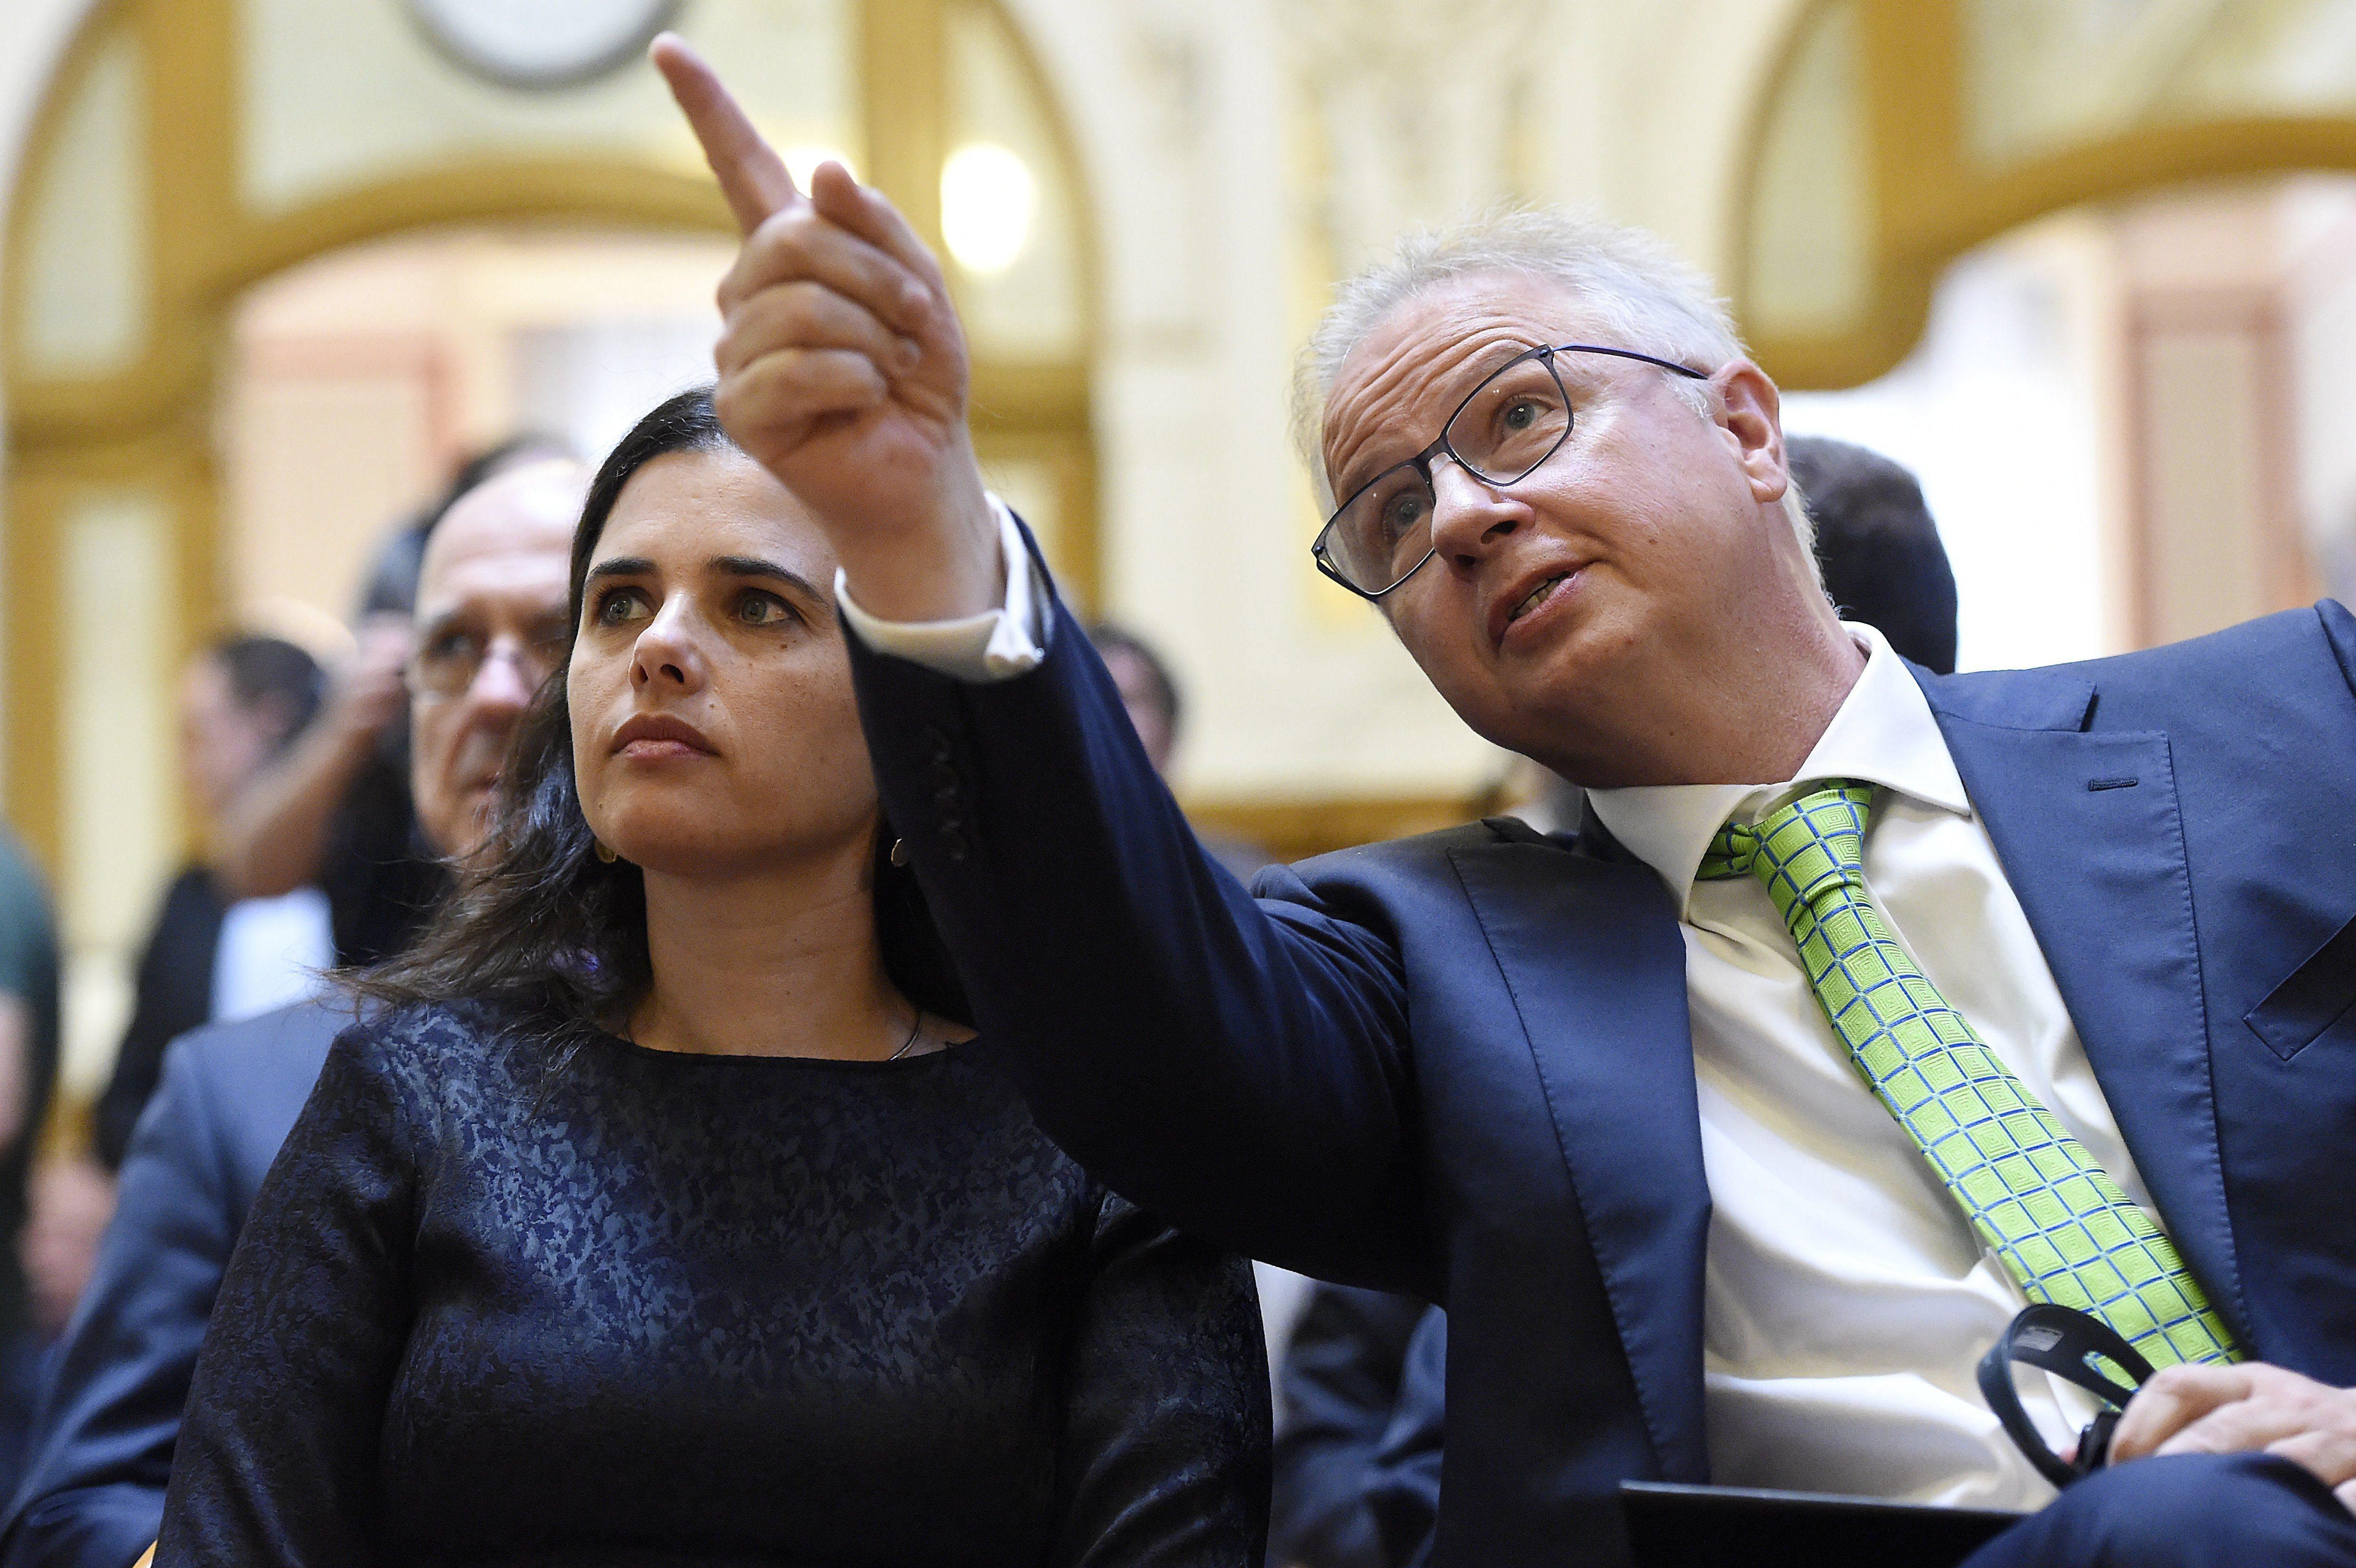 A Nagy és Trócsányi Ügyvédi Iroda azzal védekezik, hogy ingyen adott tanácsot az Igazságügyi Minisztériumnak és Trócsányi Lászlónak